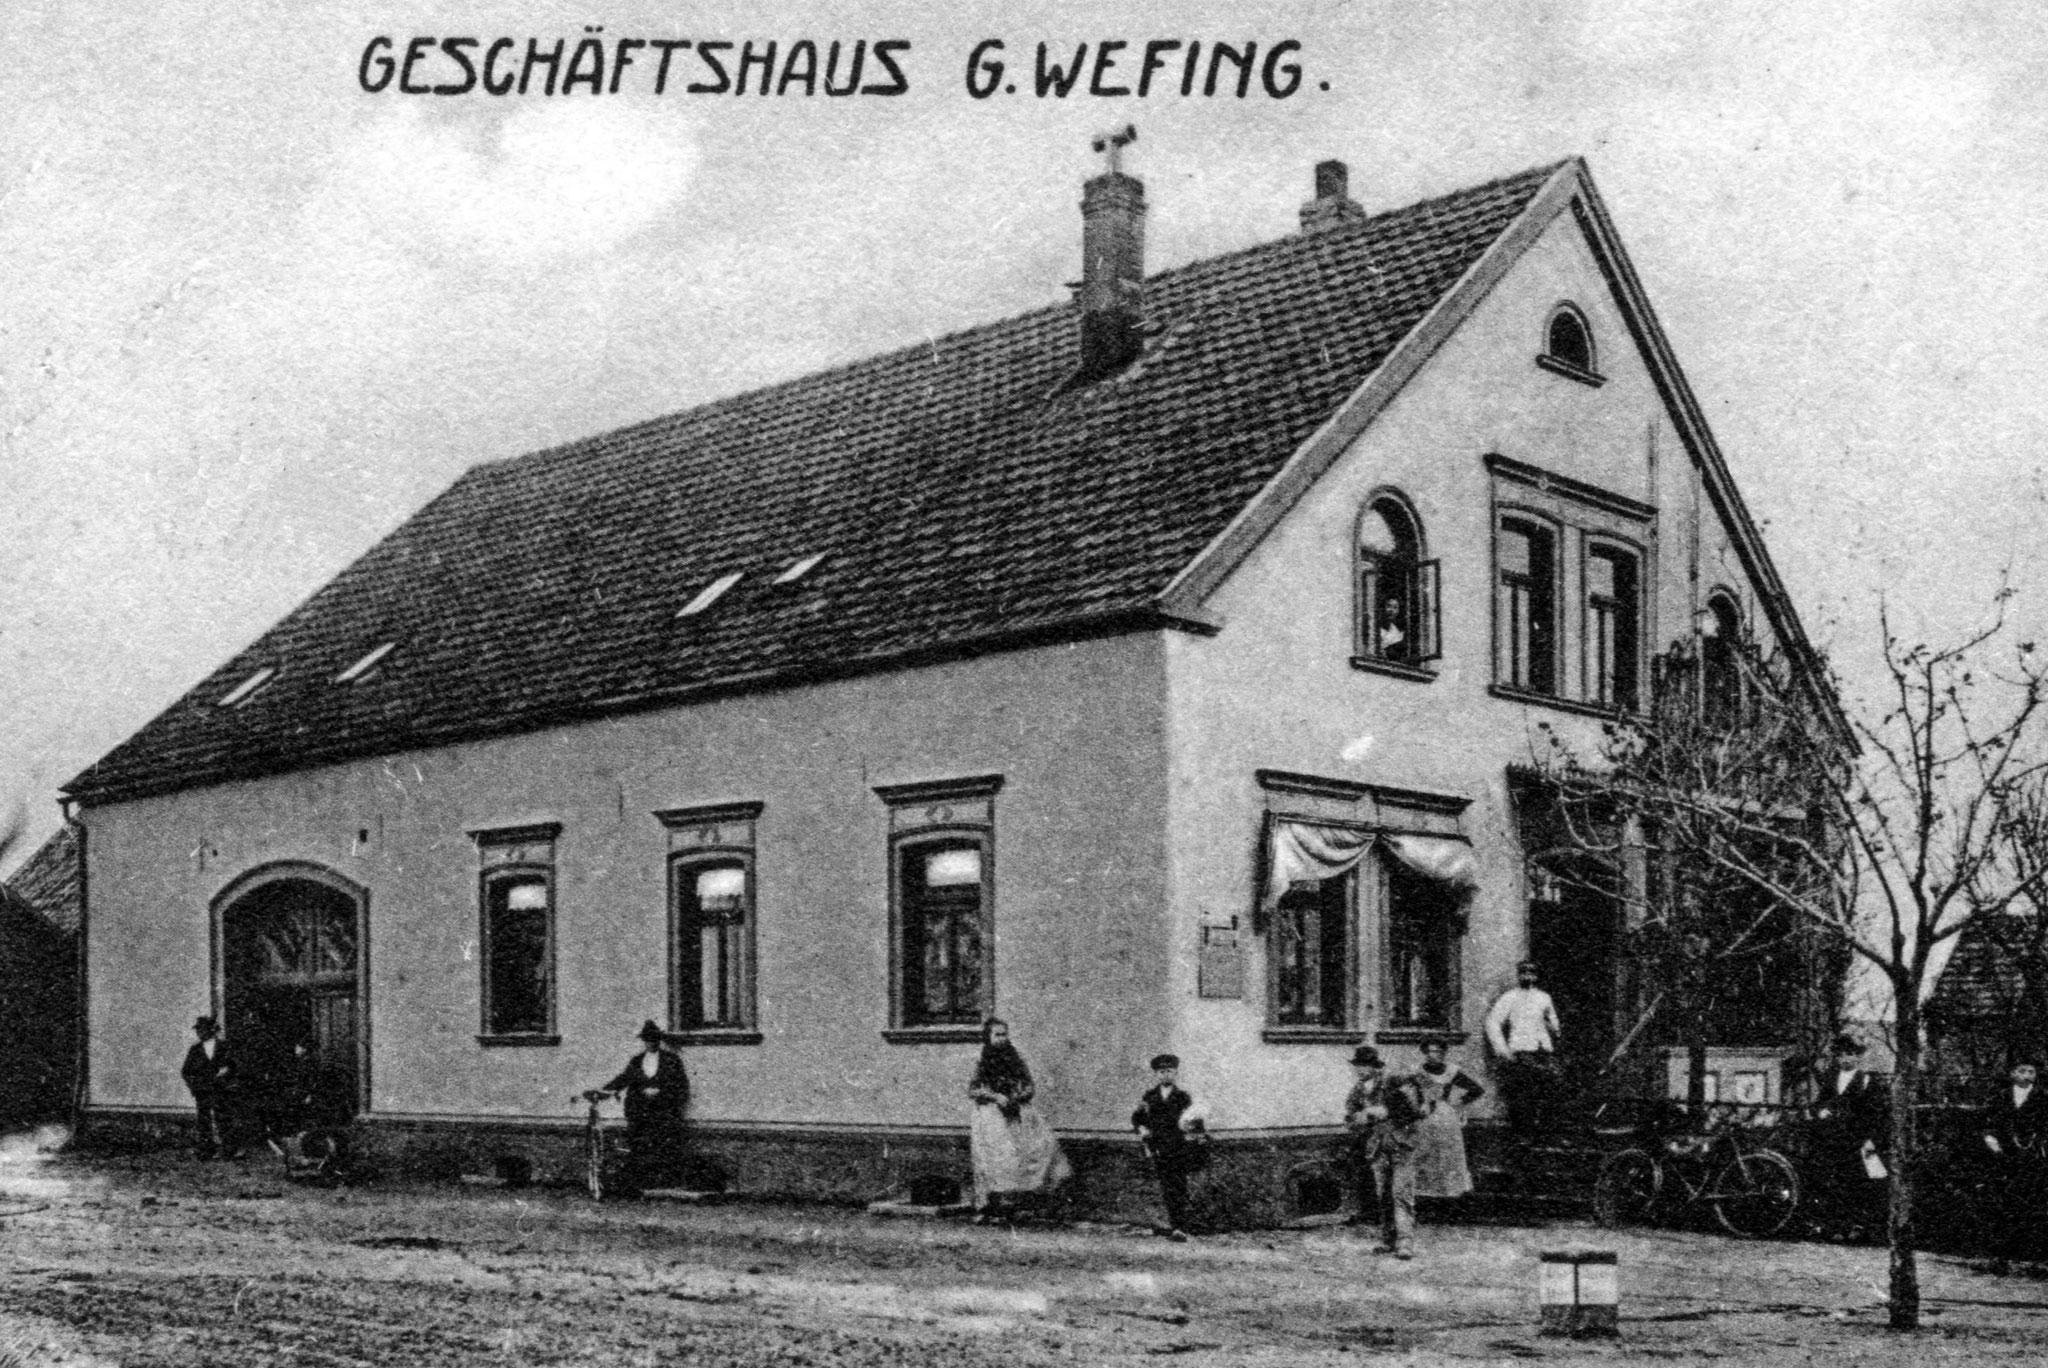 Geschäftshaus Wefing 1880